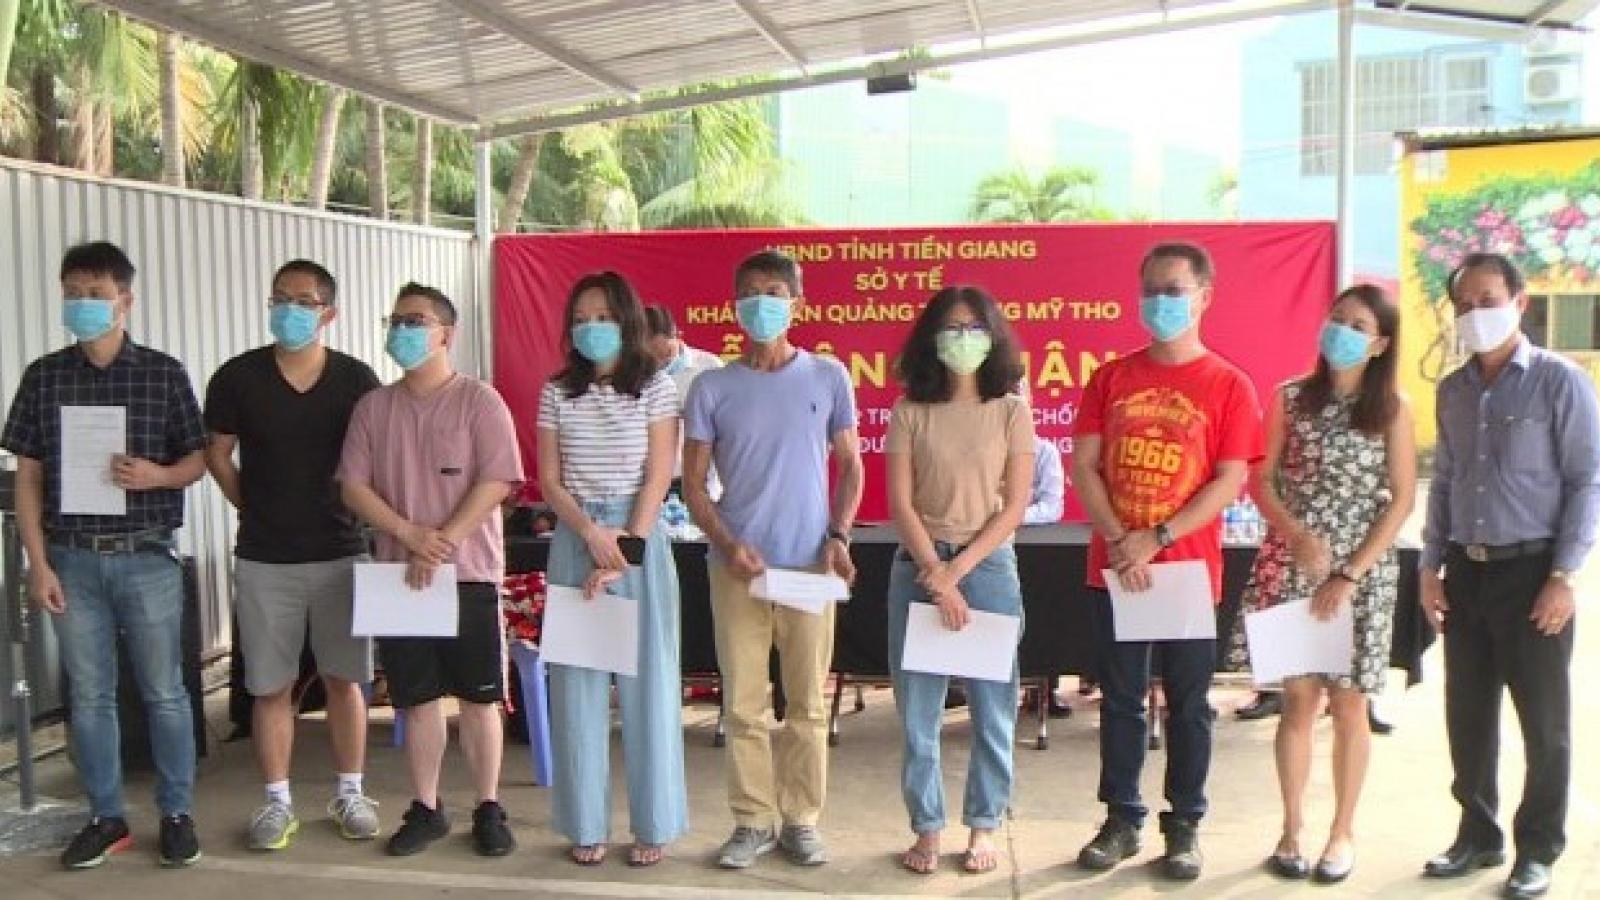 20 chuyên gia người nước ngoài tại Tiền Giang âm tínhvới SARS-CoV-2